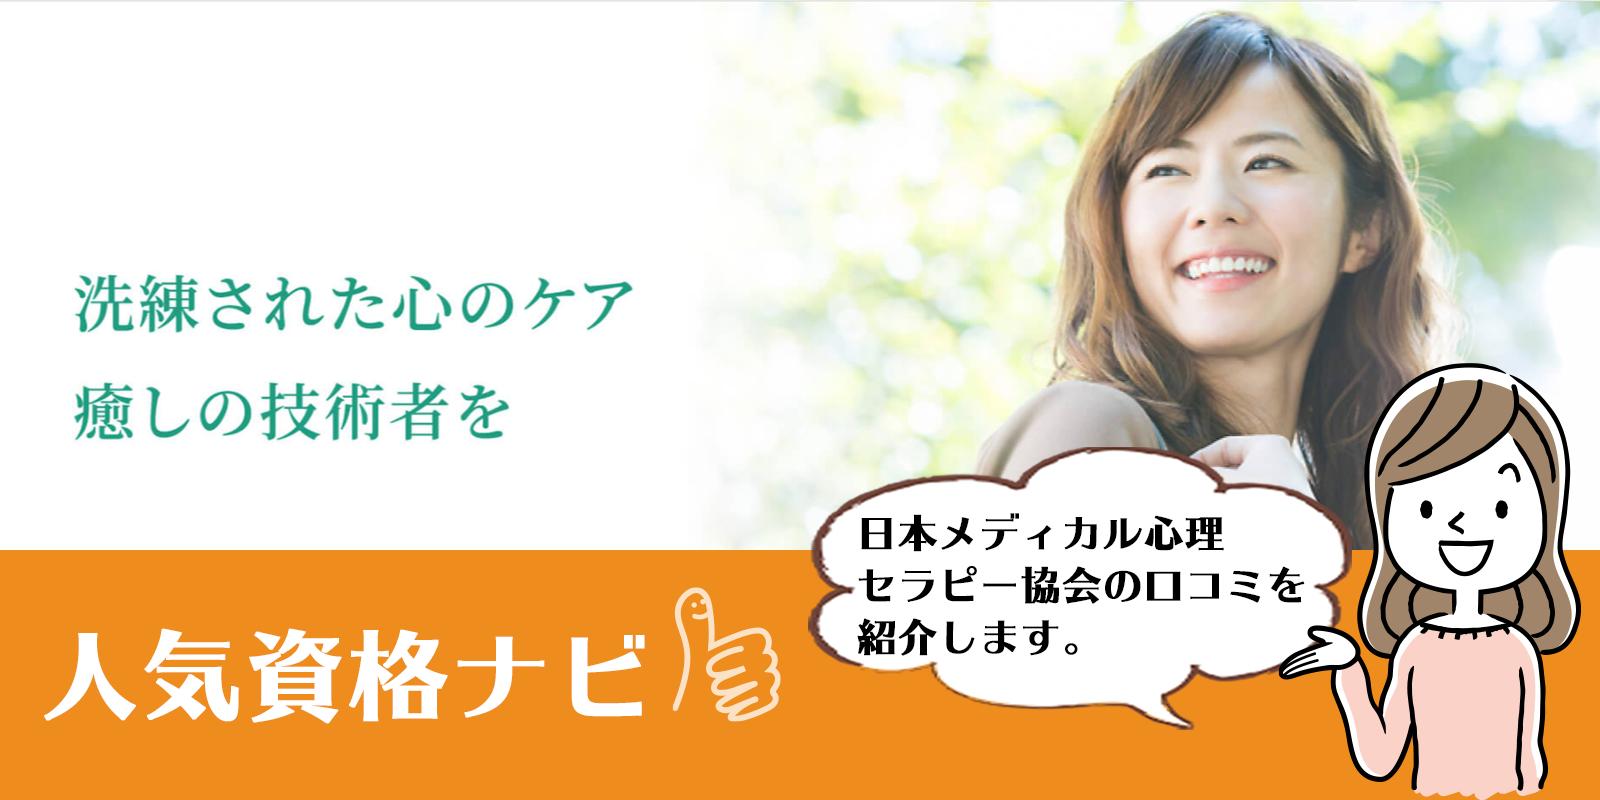 日本メディカル心理セラピー協会のアイキャッチ画像